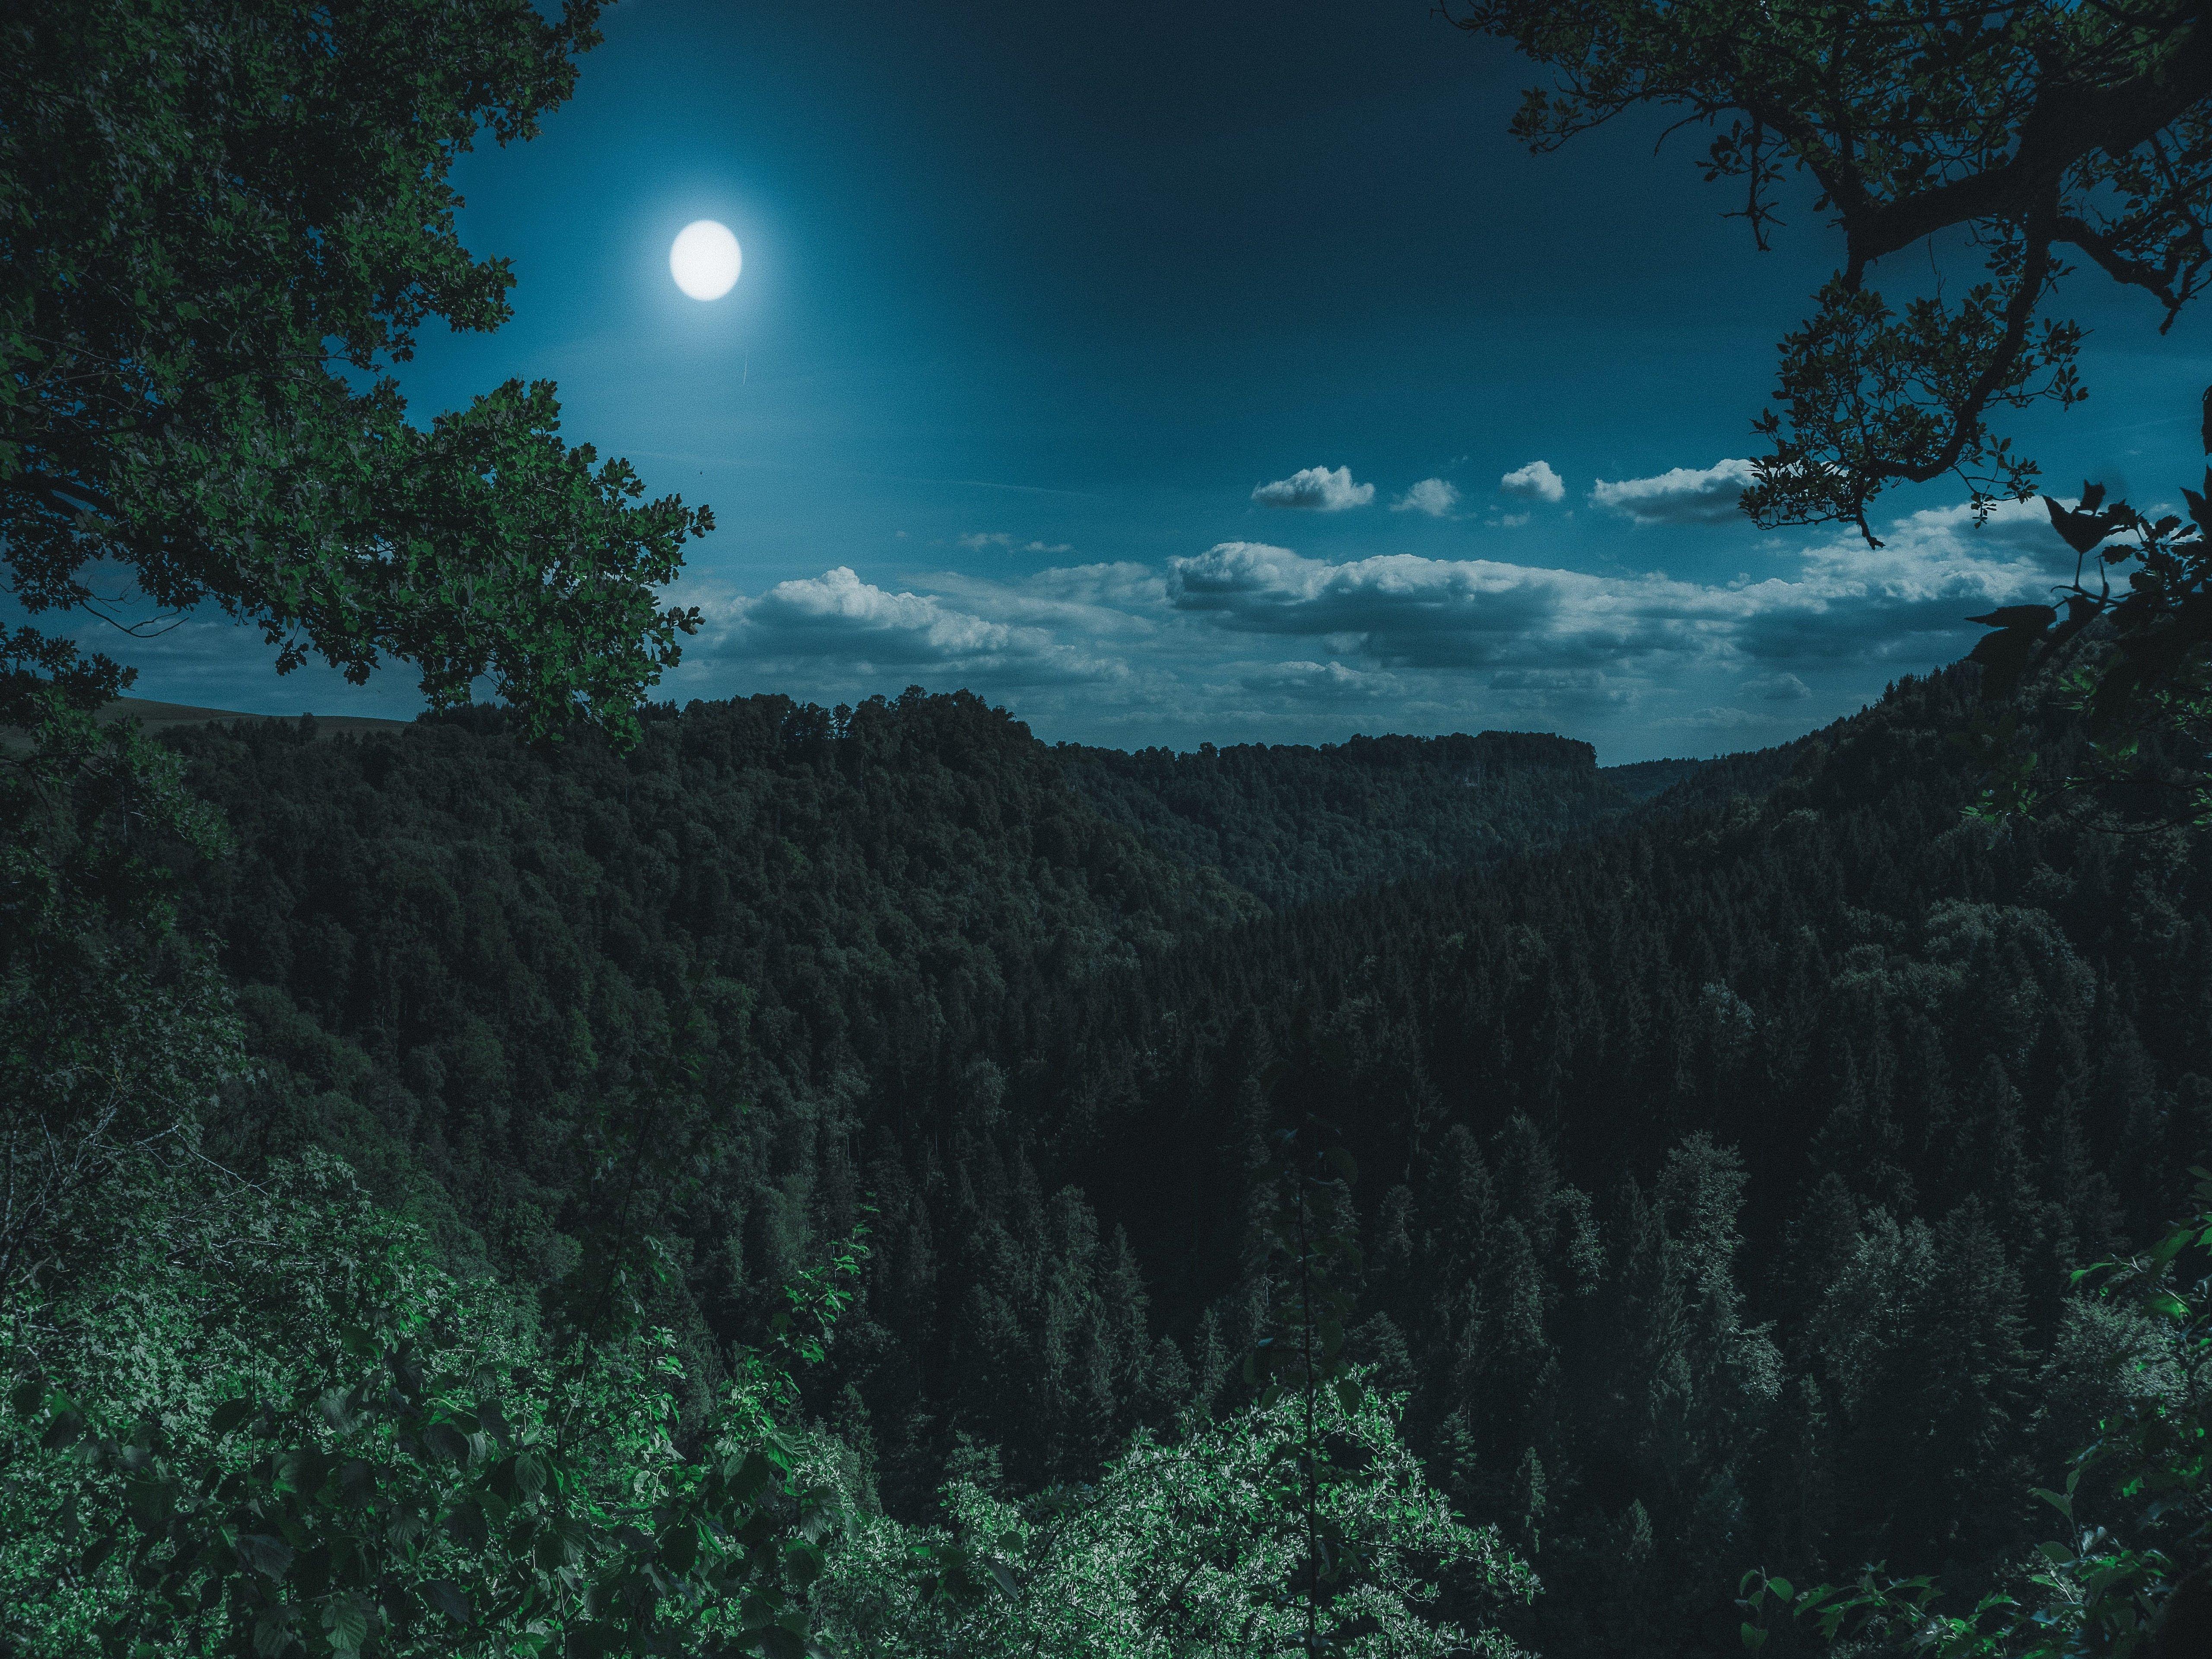 Full Moon Night 4k Wallpaper